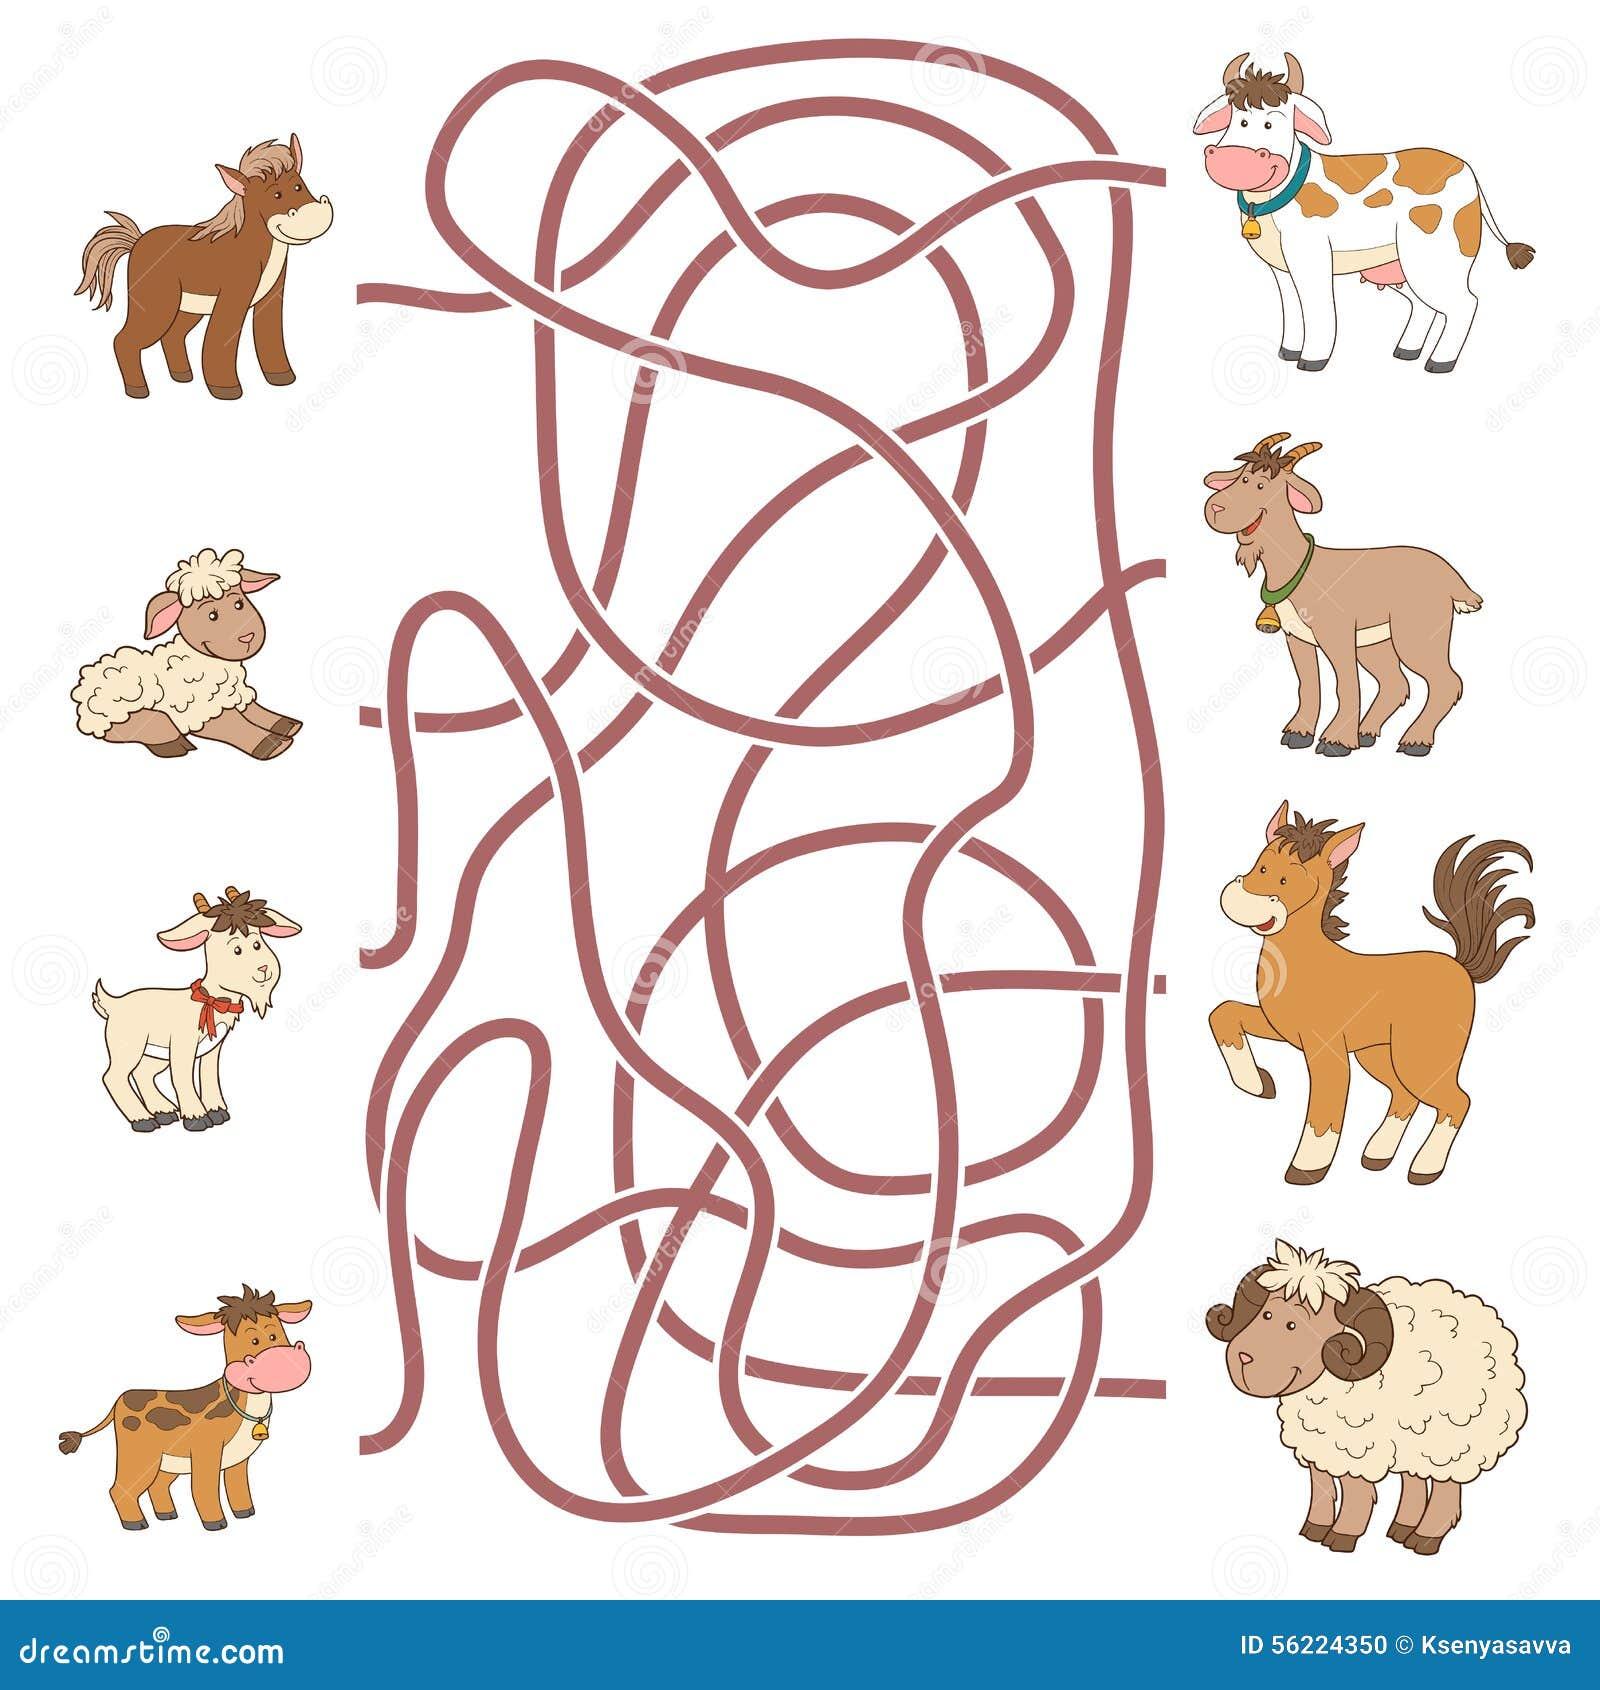 Labyrintspel: help de jongelui hun ouders (landbouwbedrijfdieren) vinden